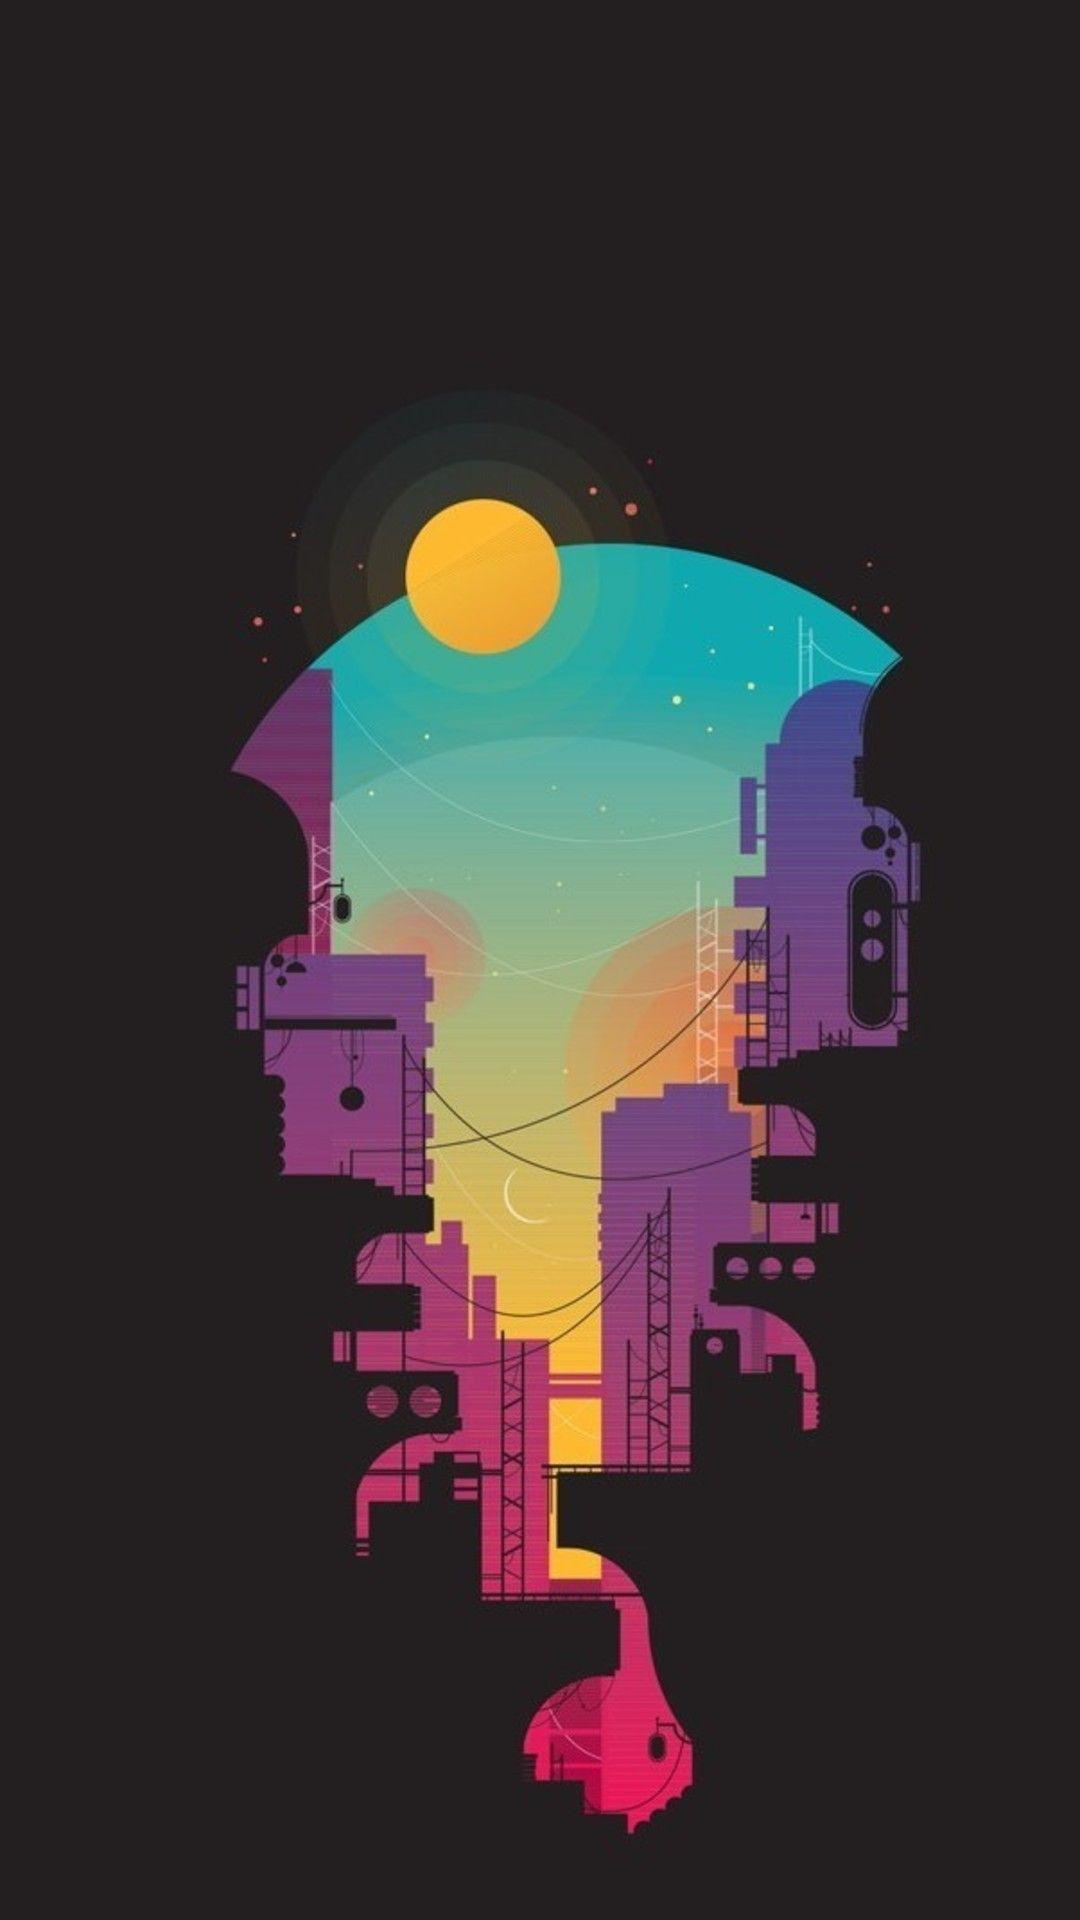 City Minimalism Sv Wallpaper - [1080x1920]